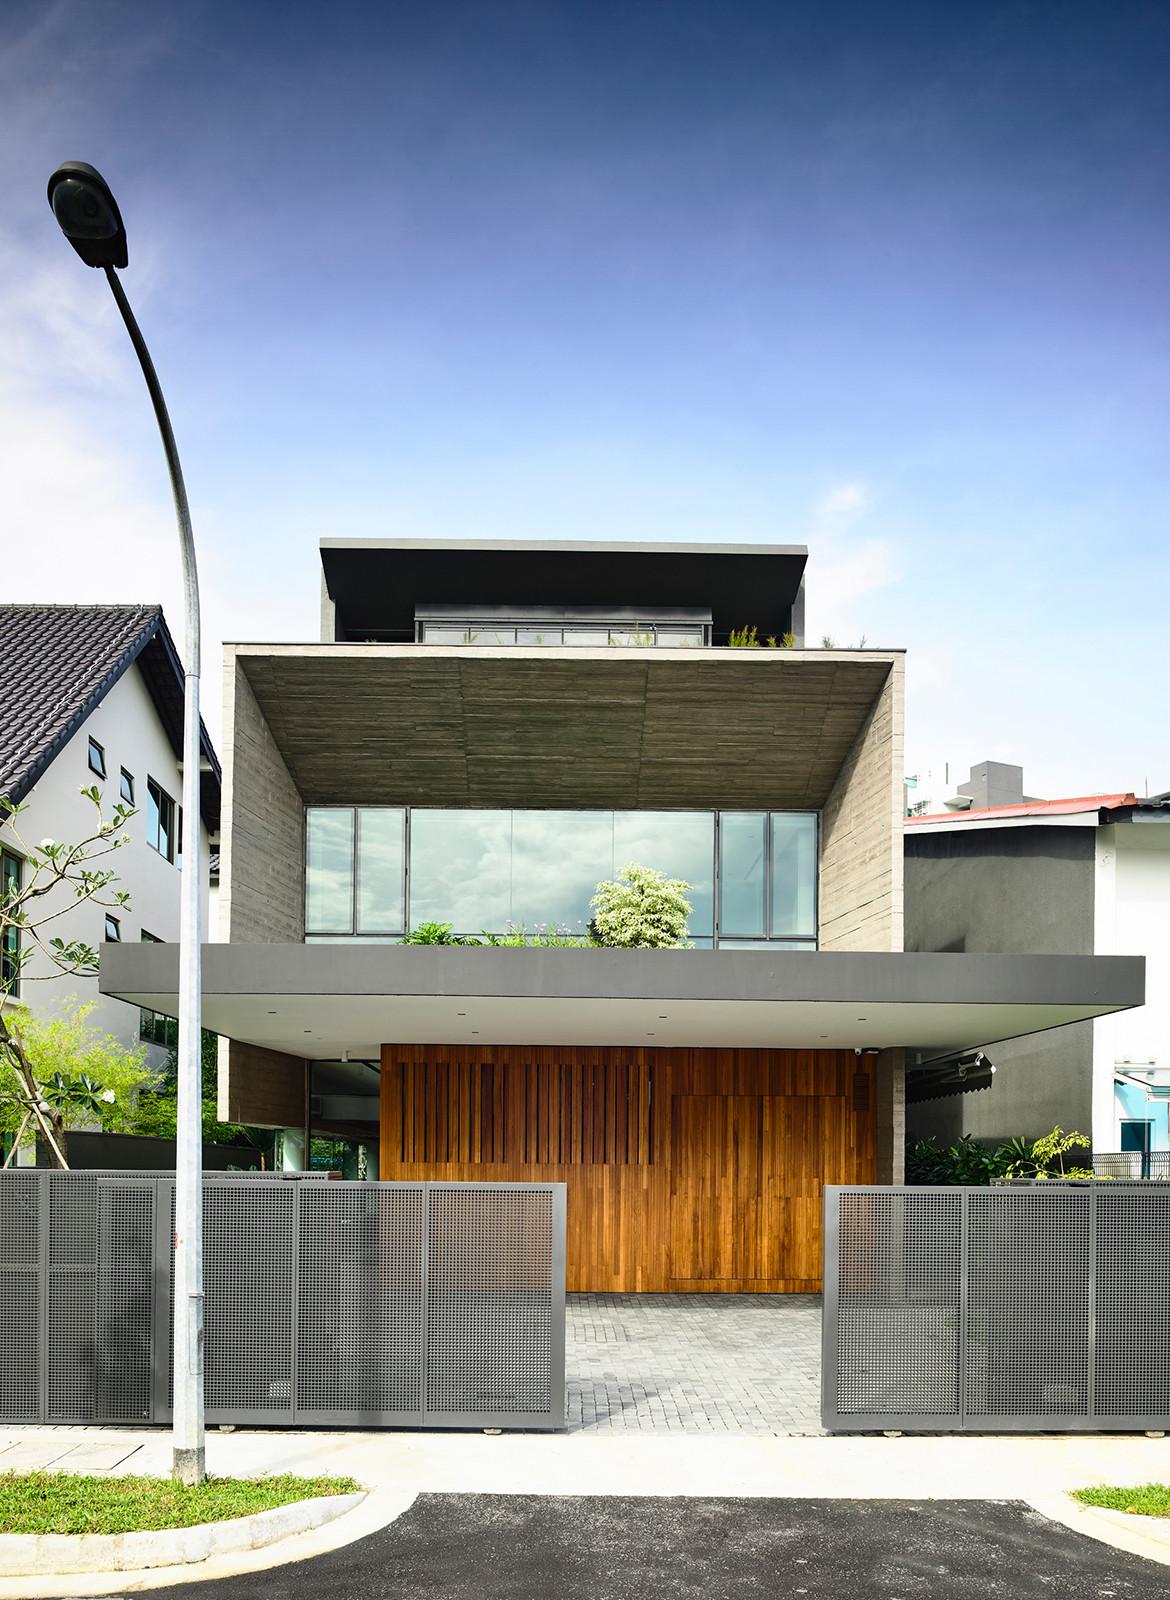 Ong Ong Faber Hill Singapore CC Derek Swalwell driveway